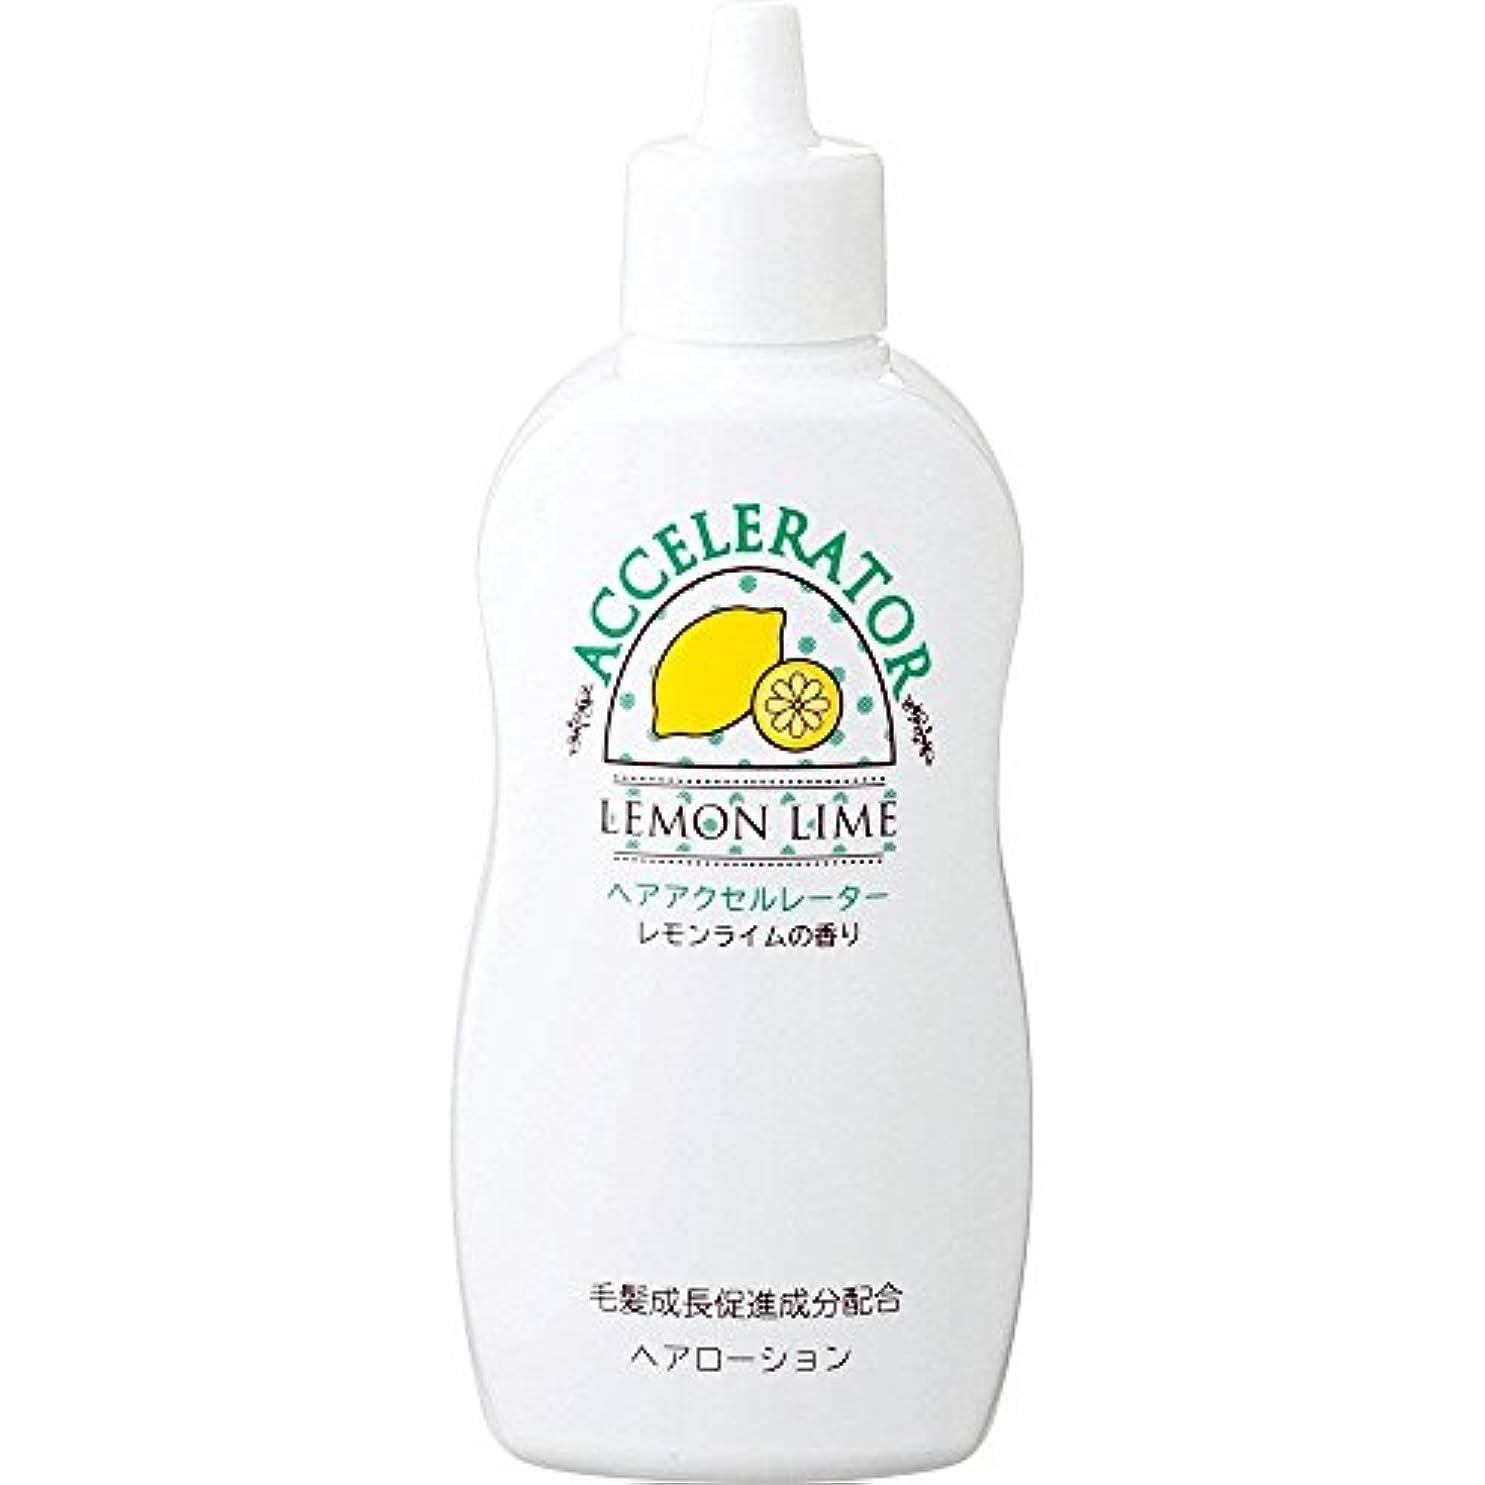 ヘアアクセルレーターL (レモンライムの香り) 150mL×6個